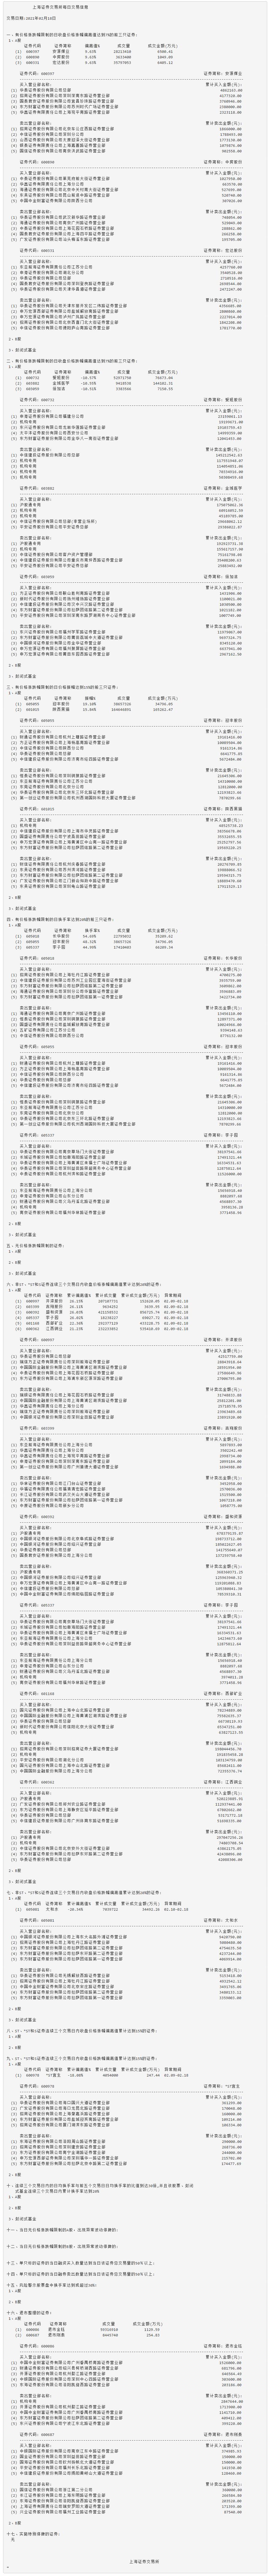 2月18日沪市活跃股公开信息(A股)